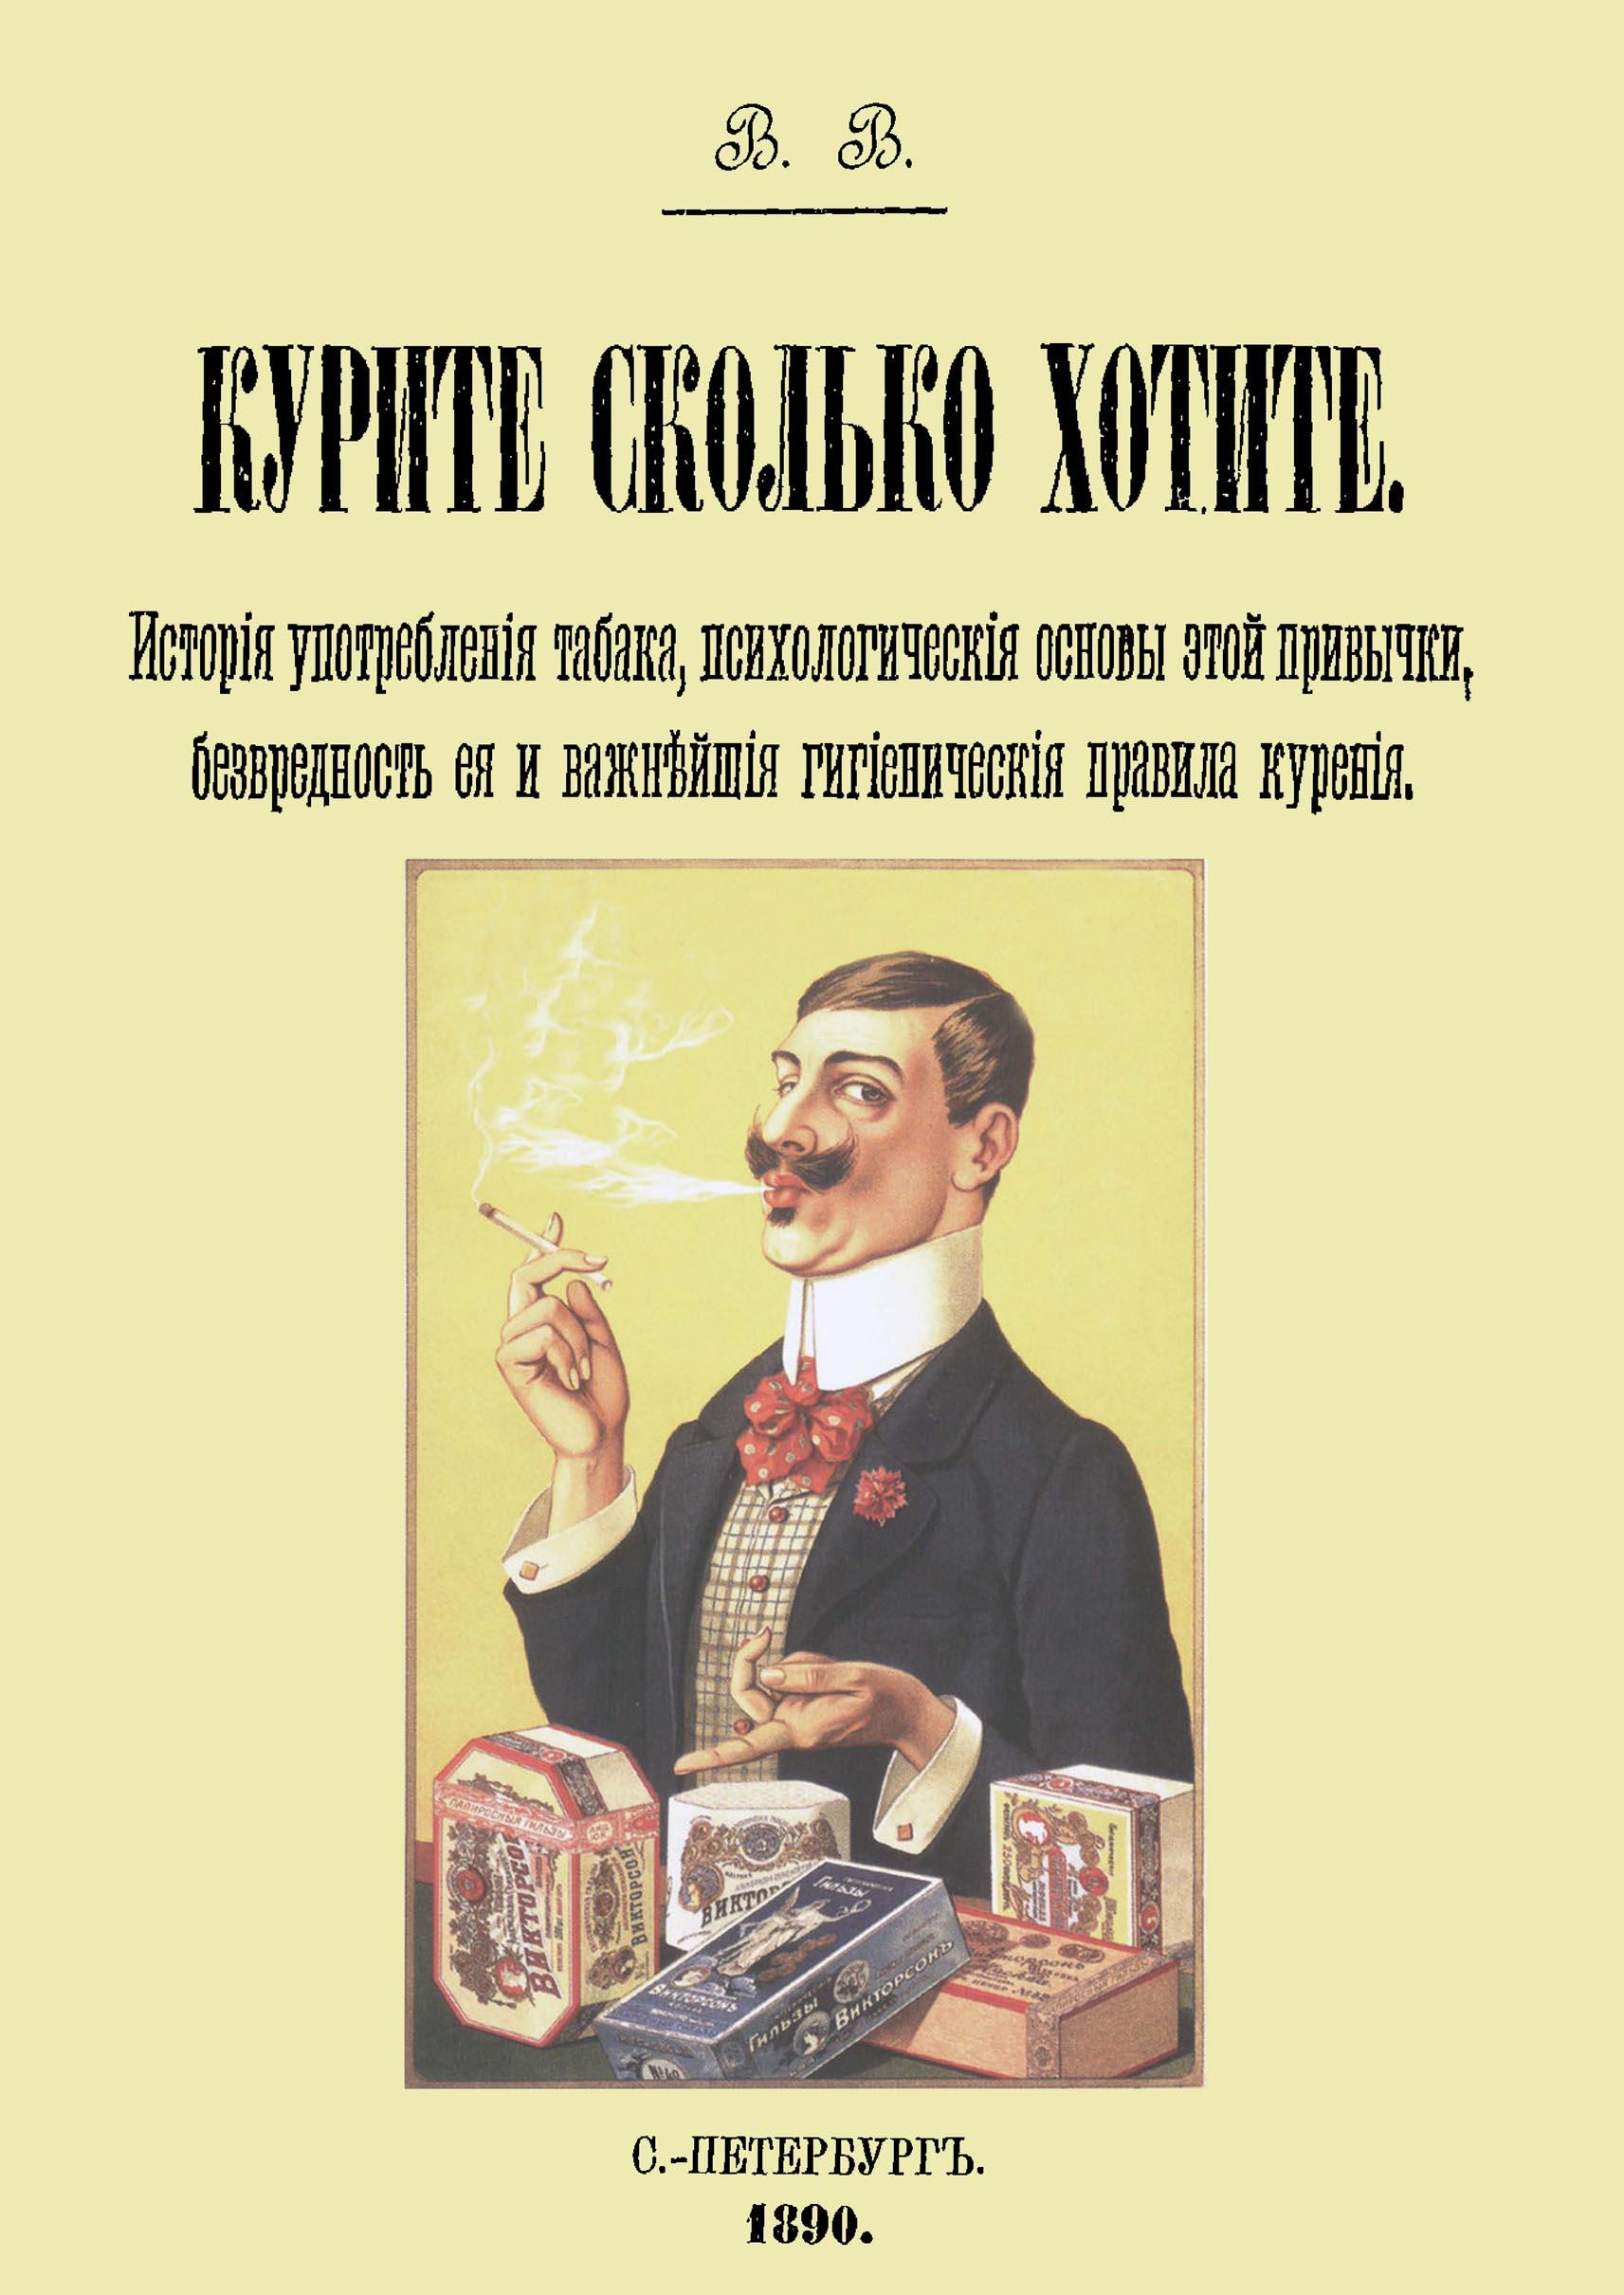 В. В. Курите сколько хотите